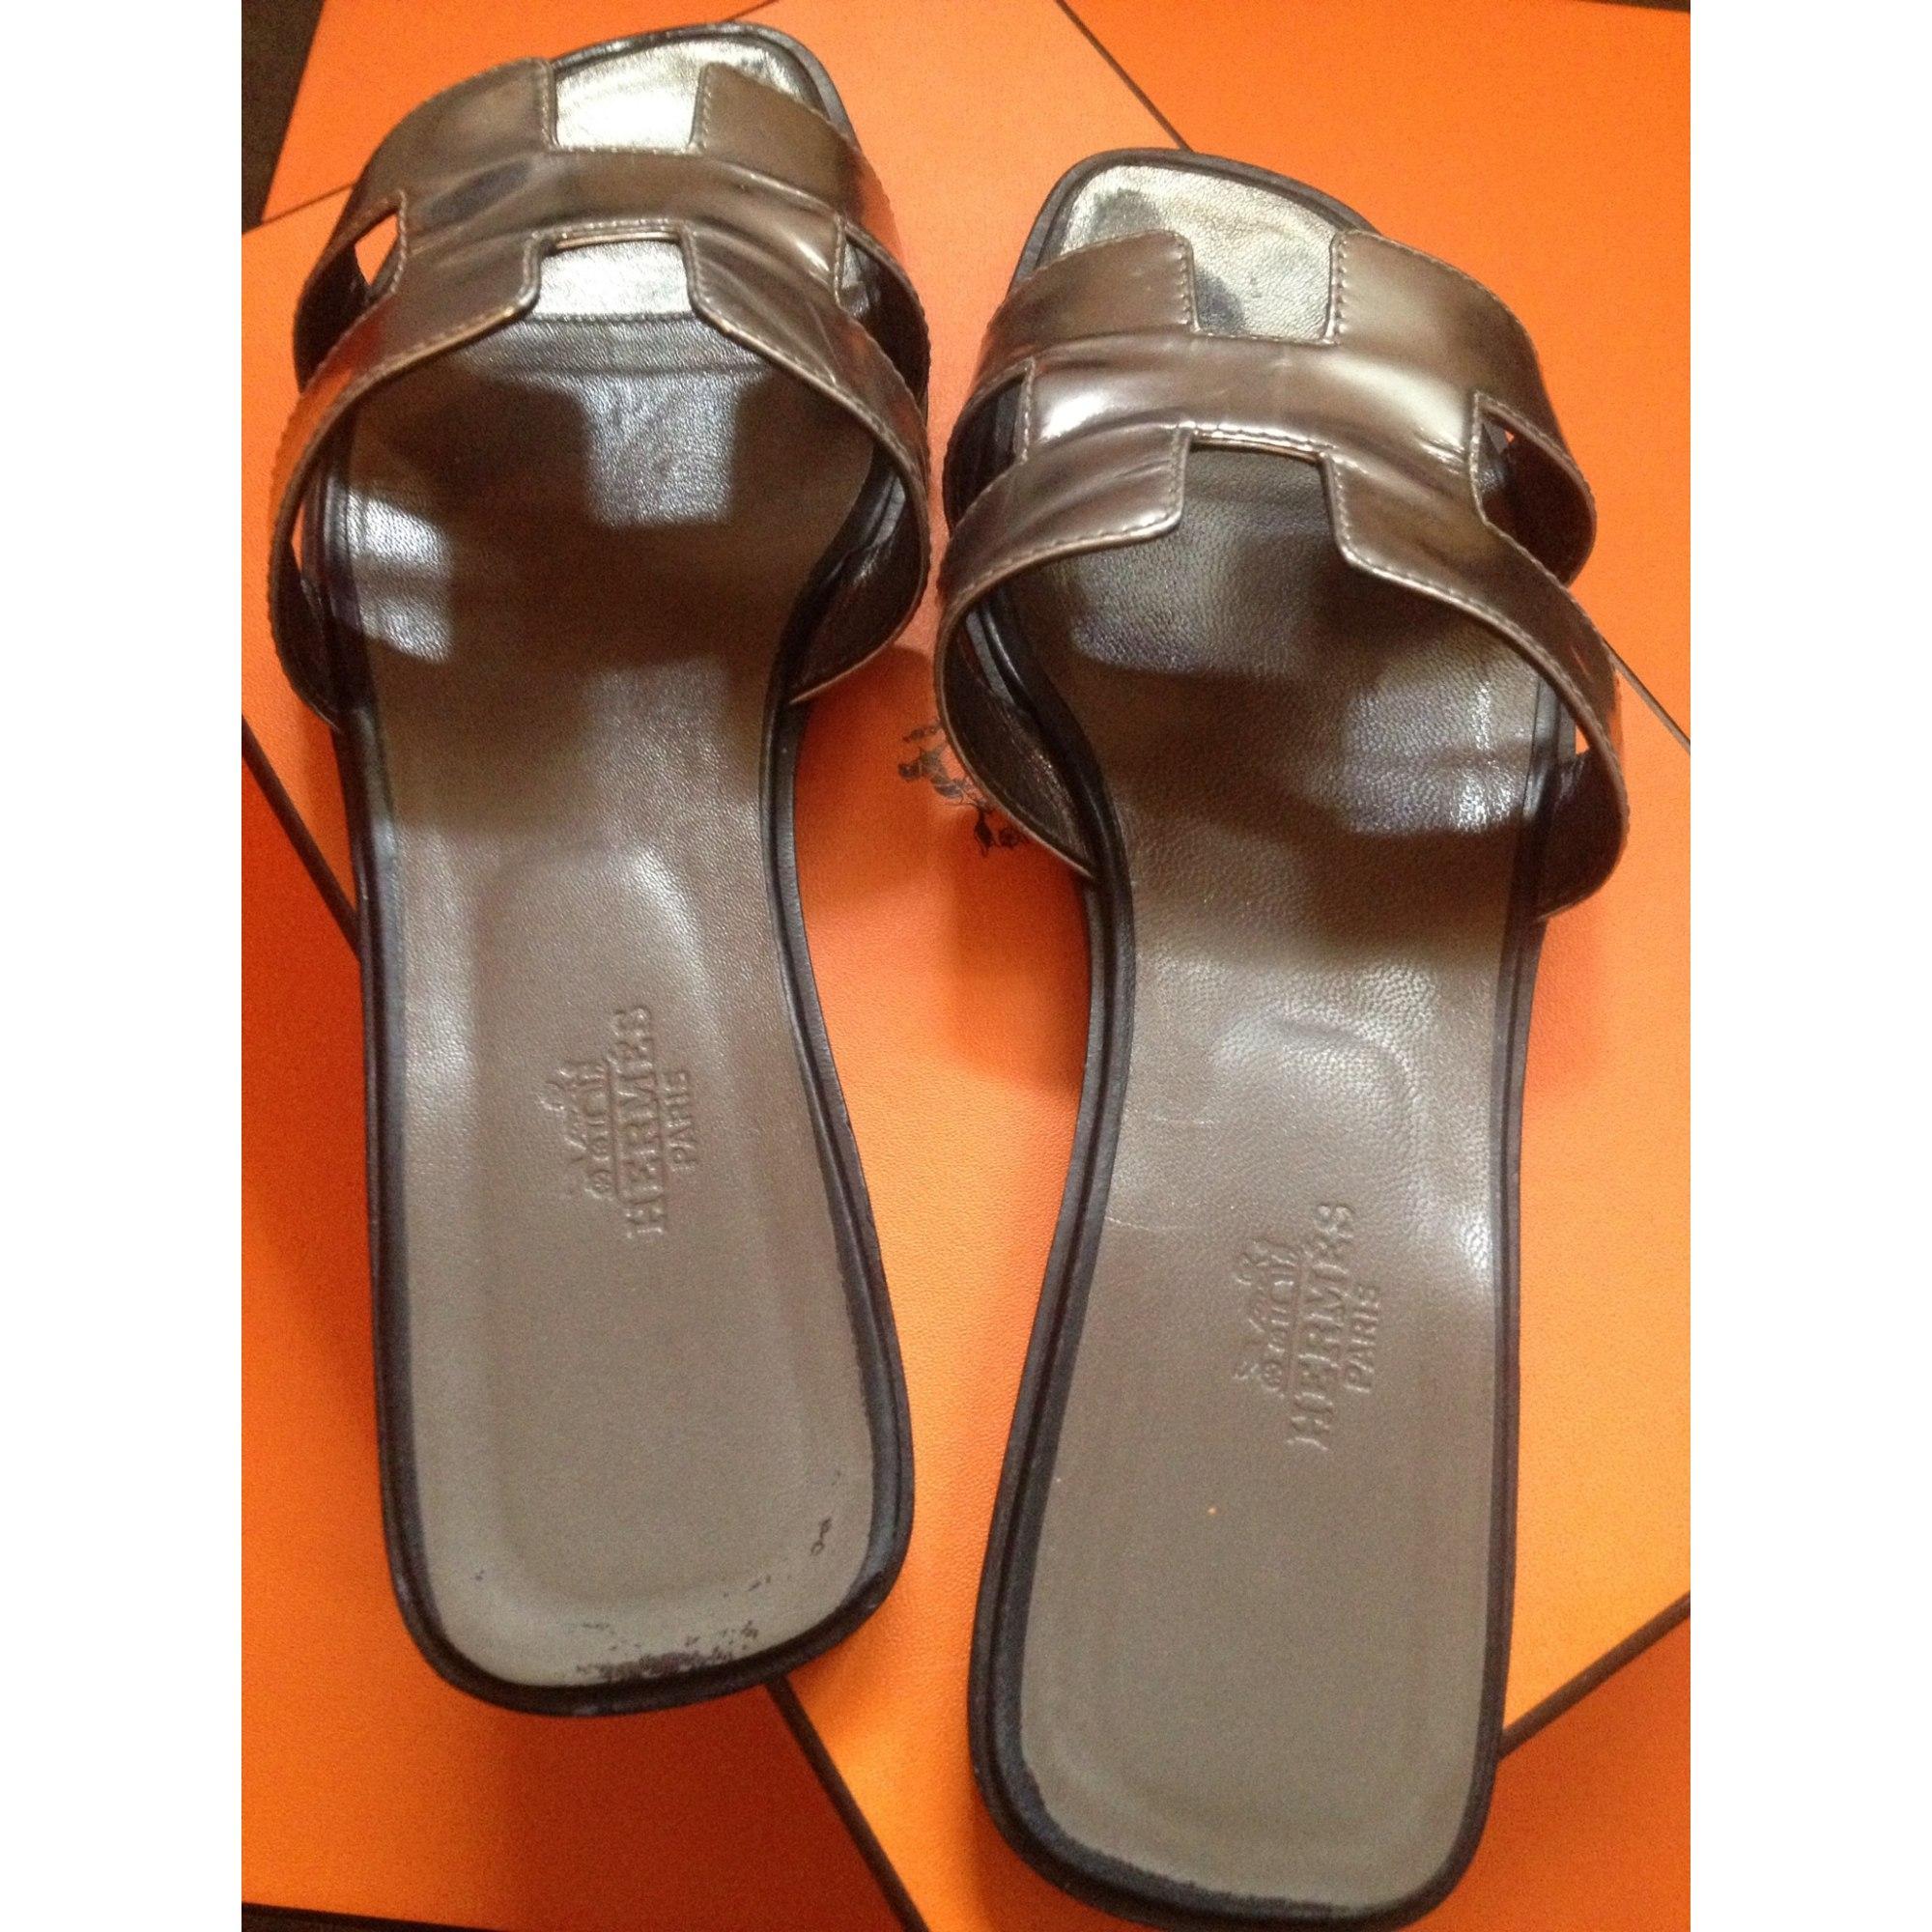 Sandales plates HERMÈS 41 argenté vendu par Jet set - 962736 c4d151400a3